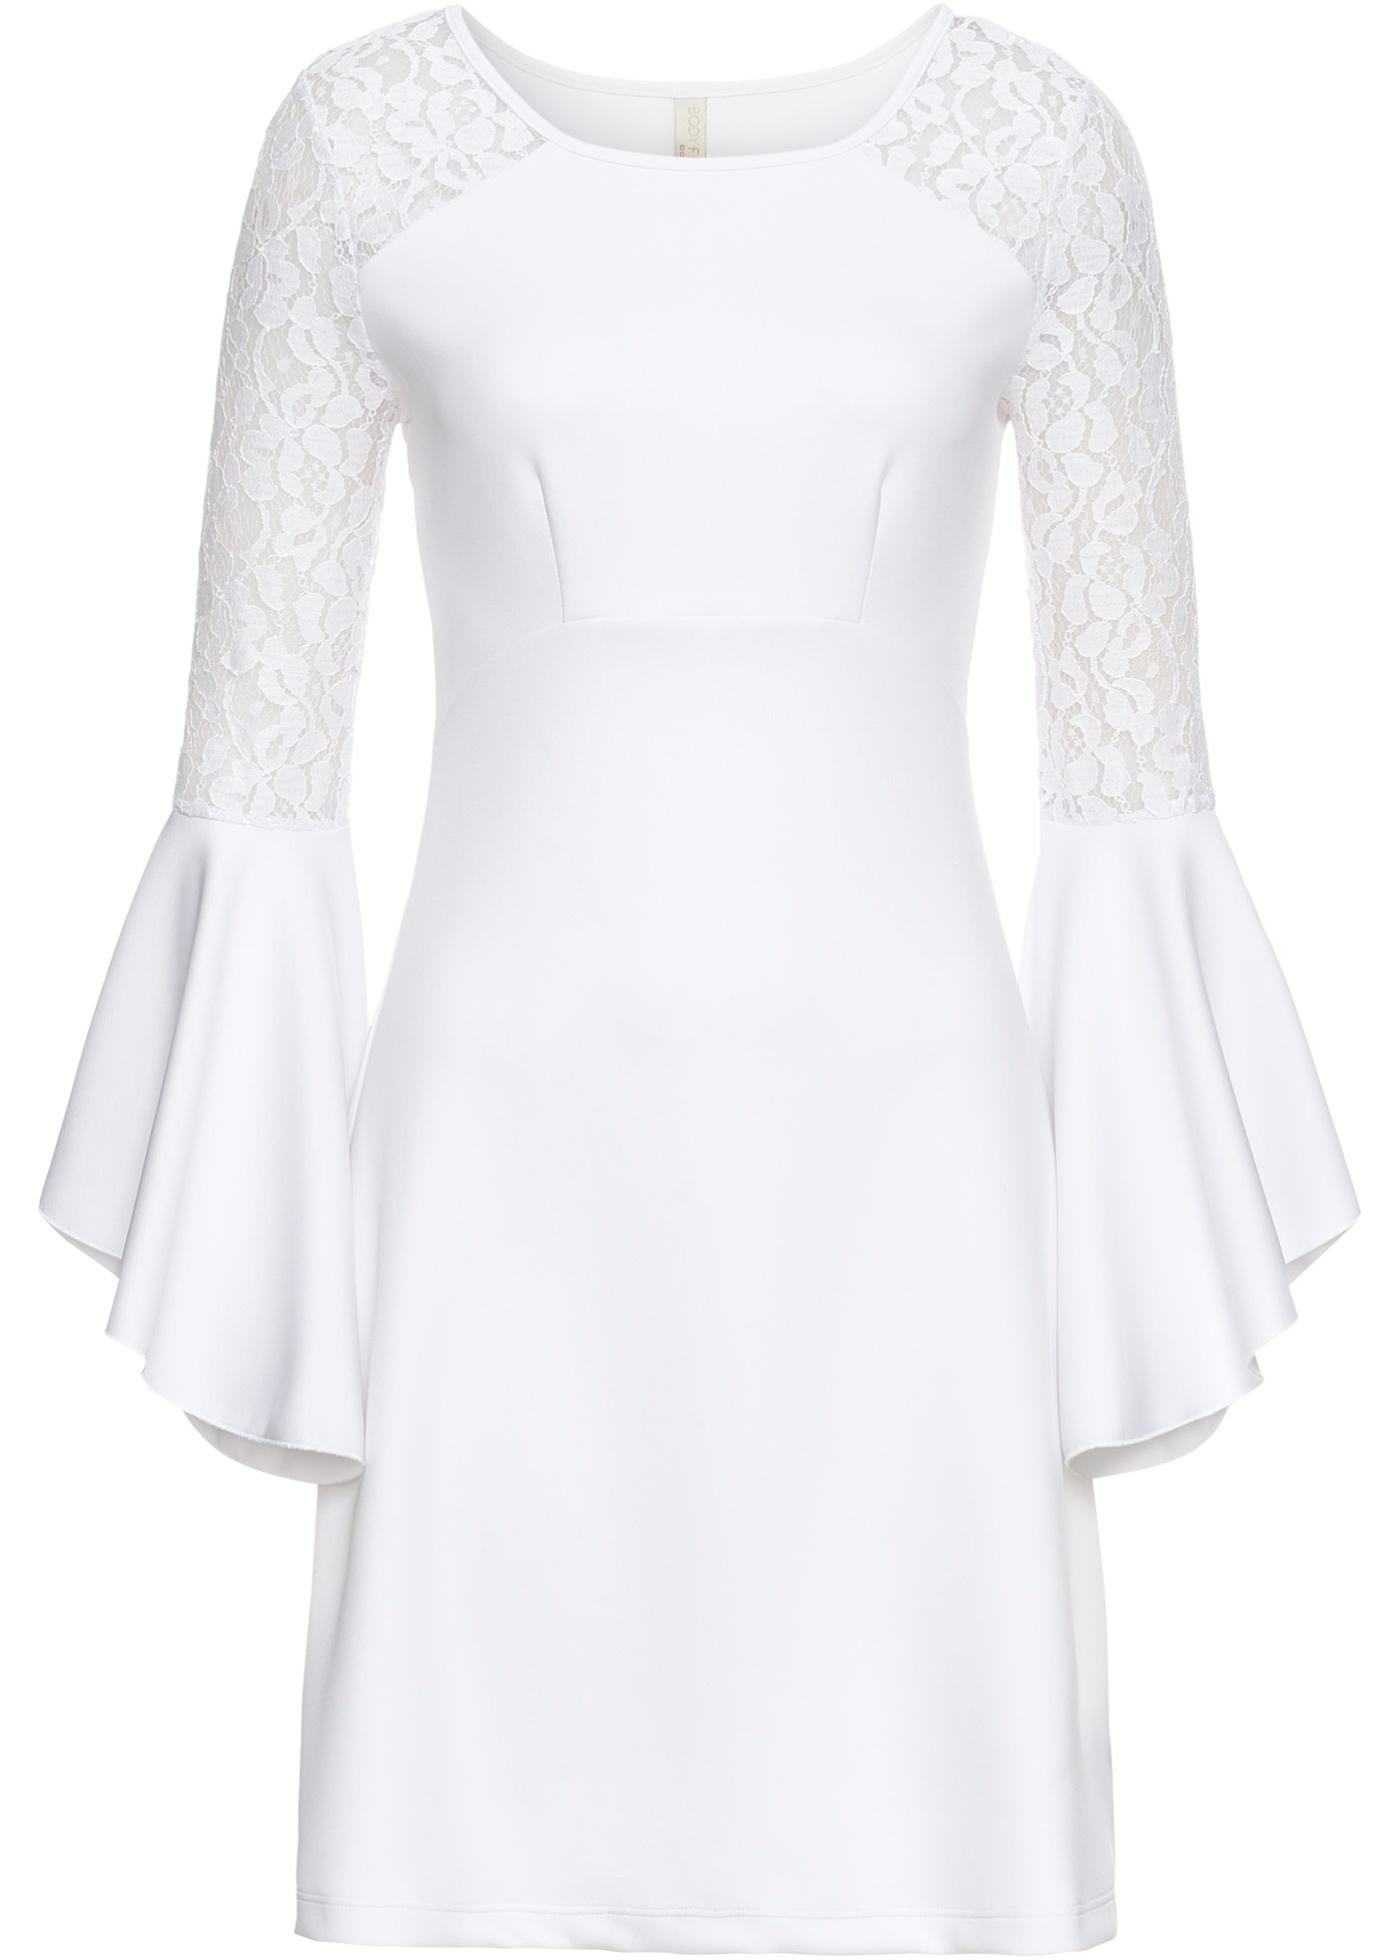 Kleid mit Volant Spitze Gr. 48/50 Weiß Abendkleid Mini ...